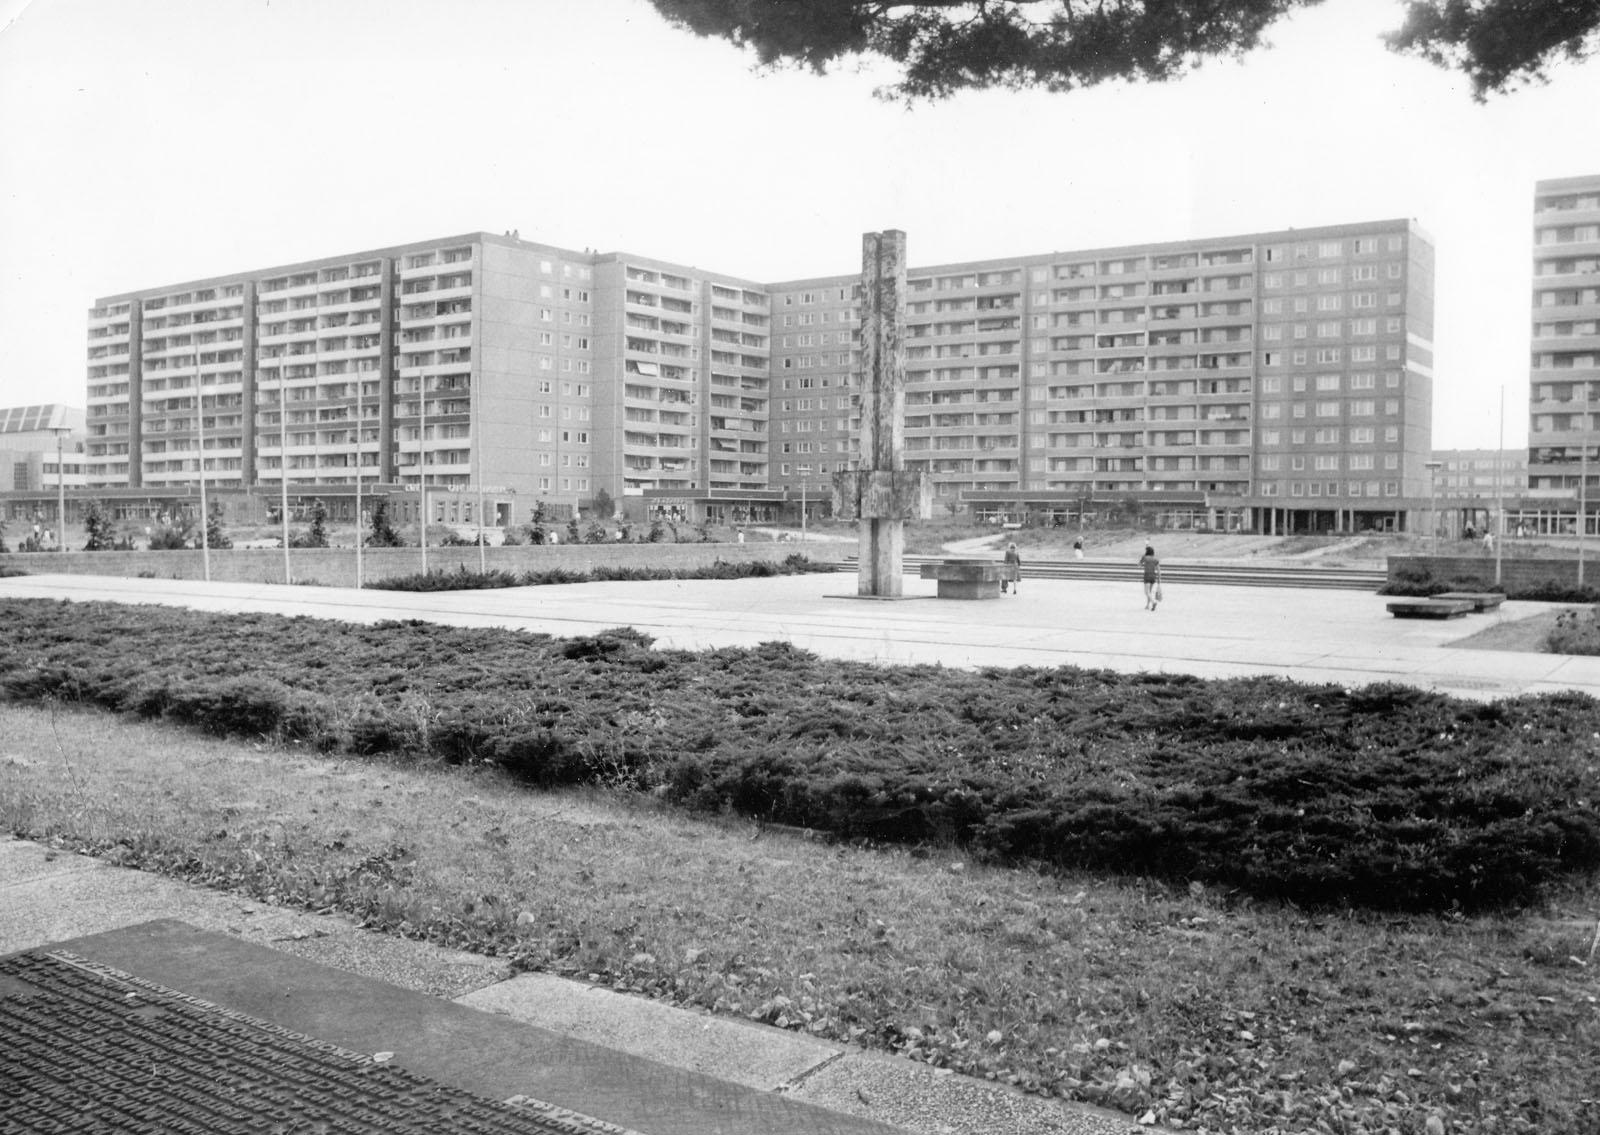 Blick über das Ehrenhain in das Stadtzentrum zu den Elfstöckigen Wohnhäusern, die es so heute nicht mehr gibt